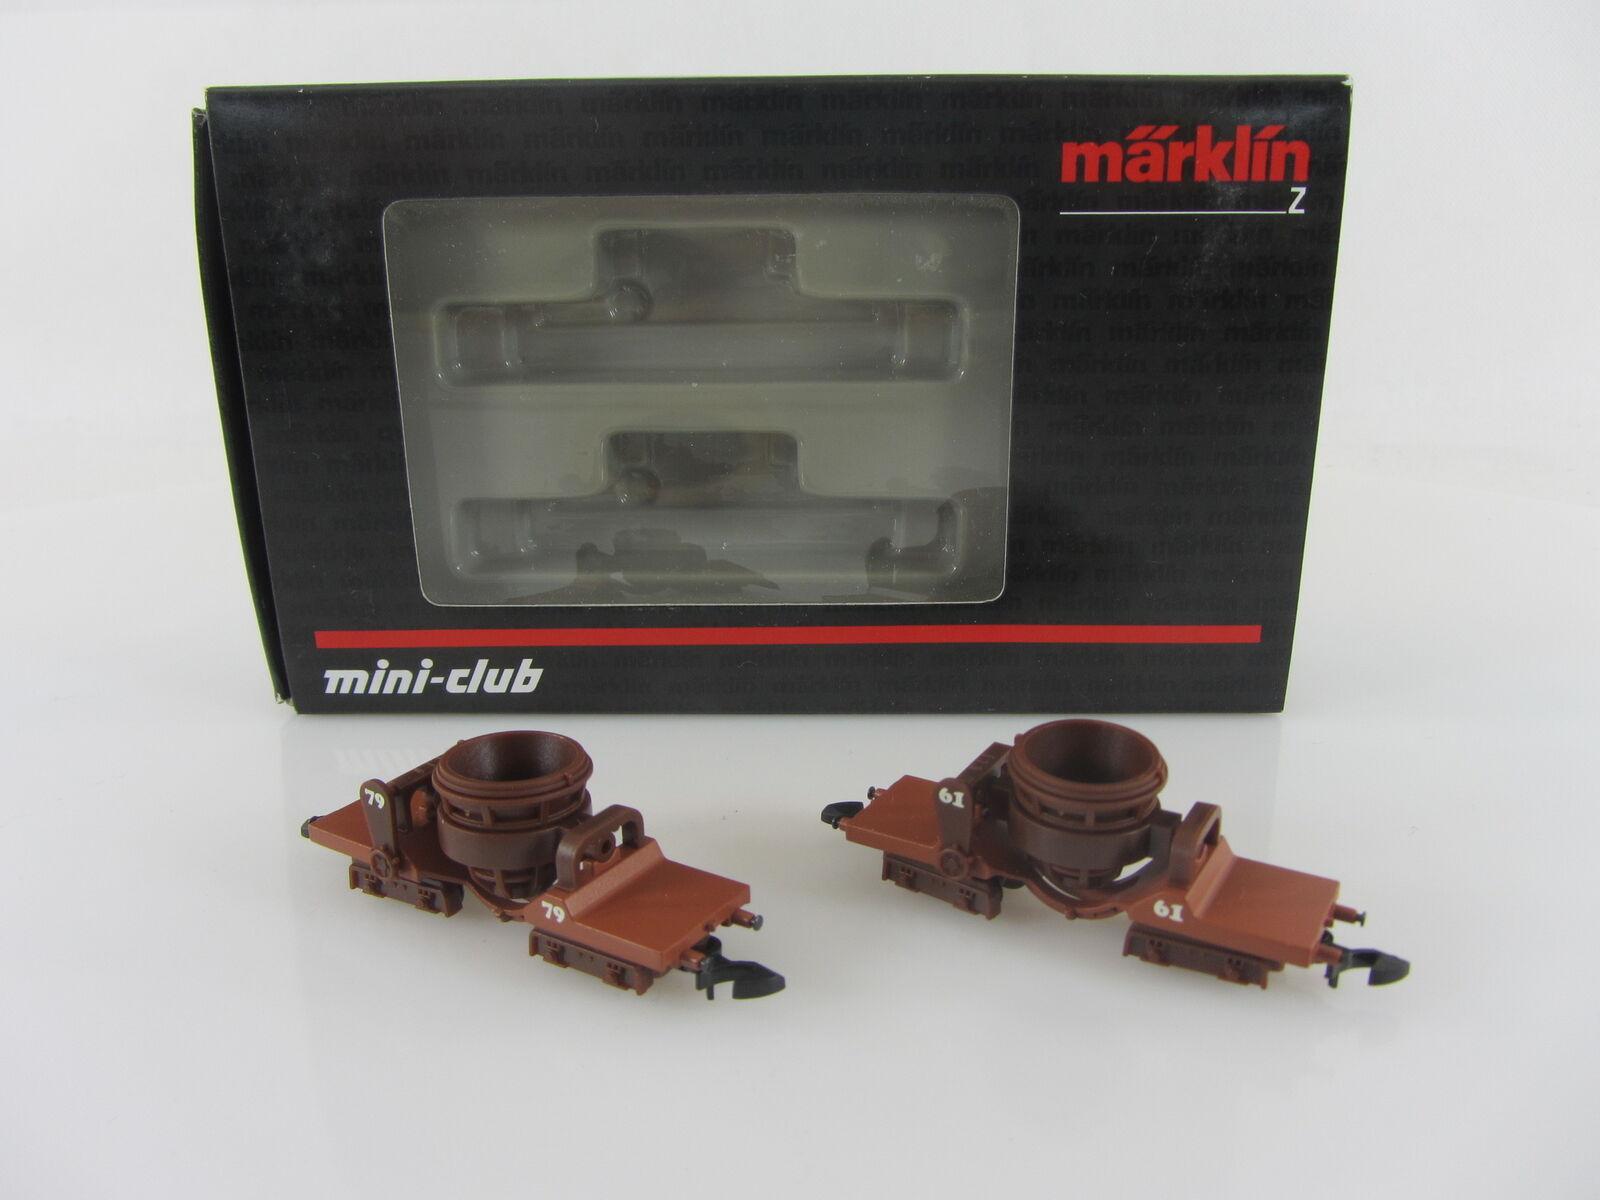 Märklin 86212 Wagenset scorie carro, come nuovo e nella sua confezione originale